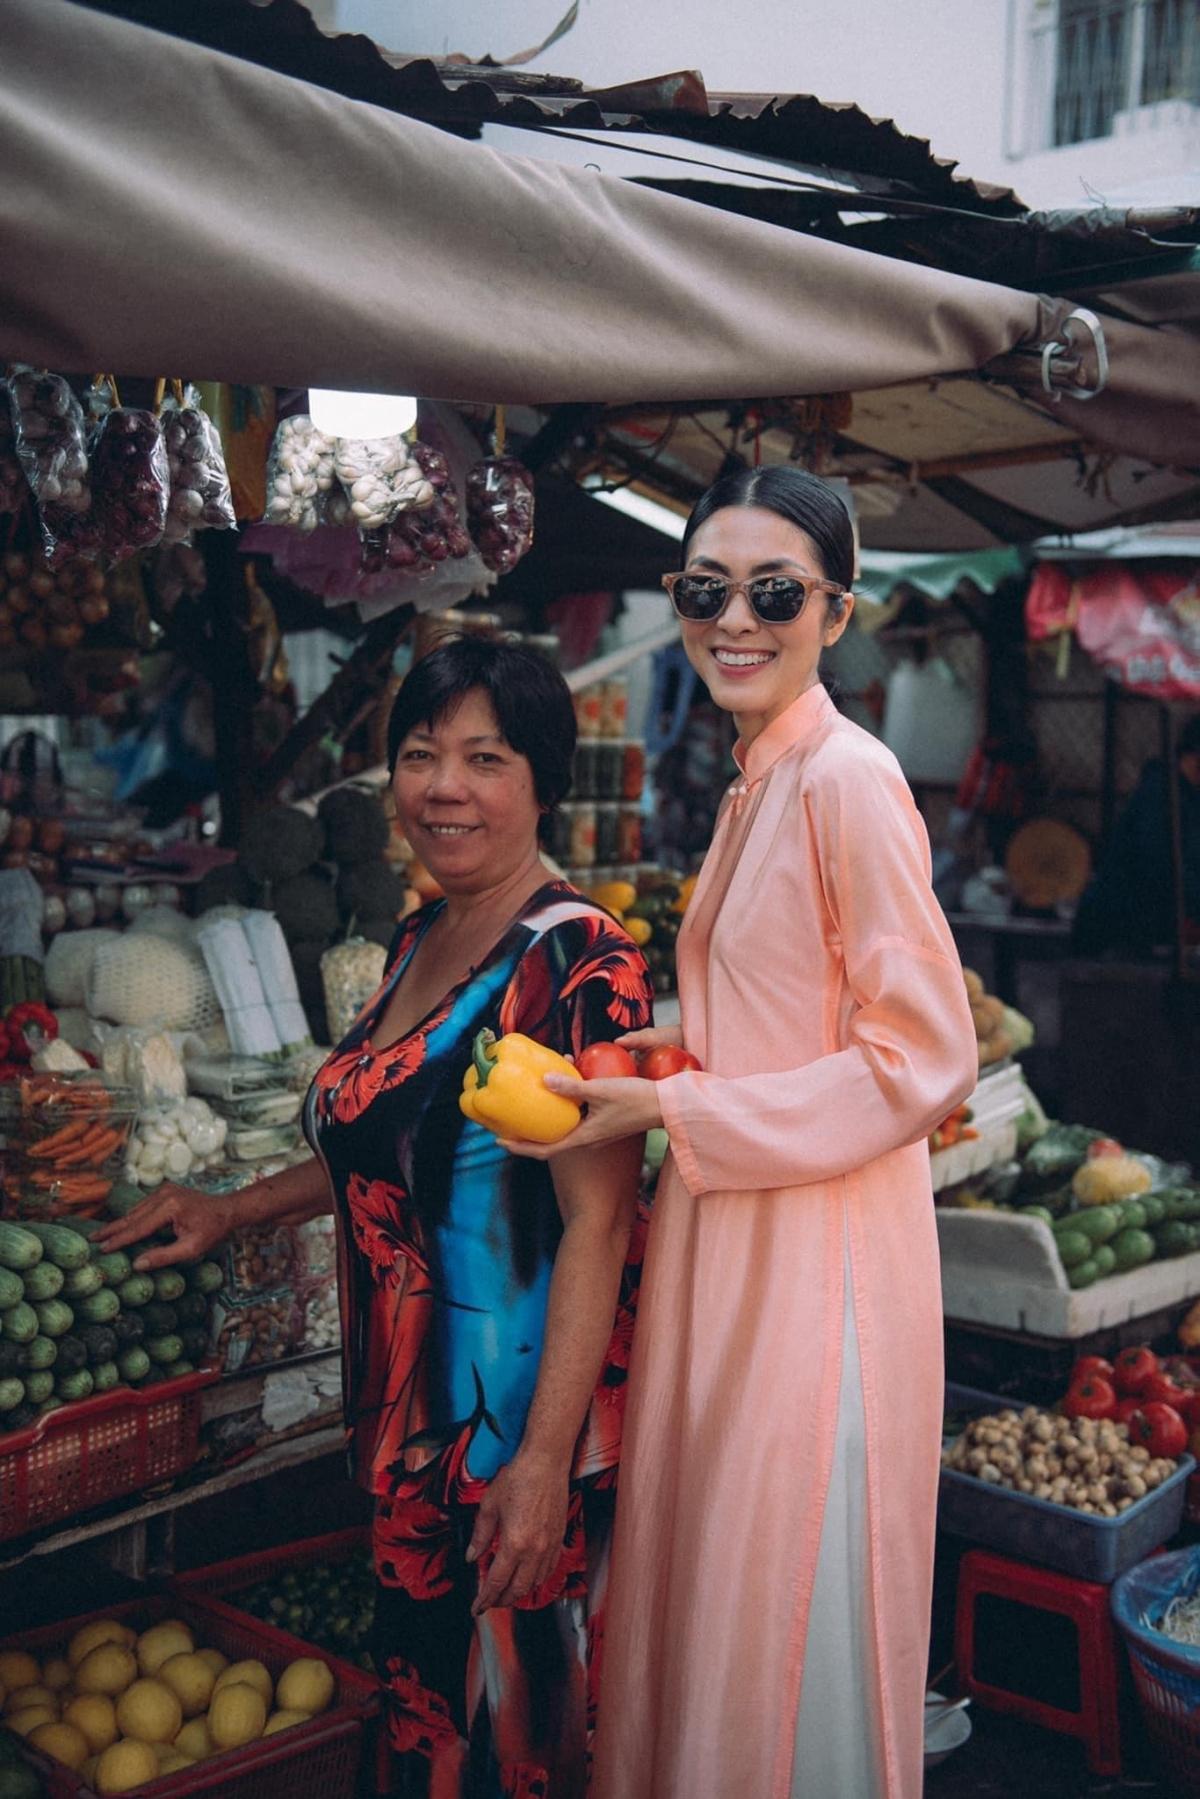 Dù đã là mẹ 2 con, nhưng vóc dáng thon gọn của Tăng Thanh Hà khiến nhiều người ngưỡng mộ.